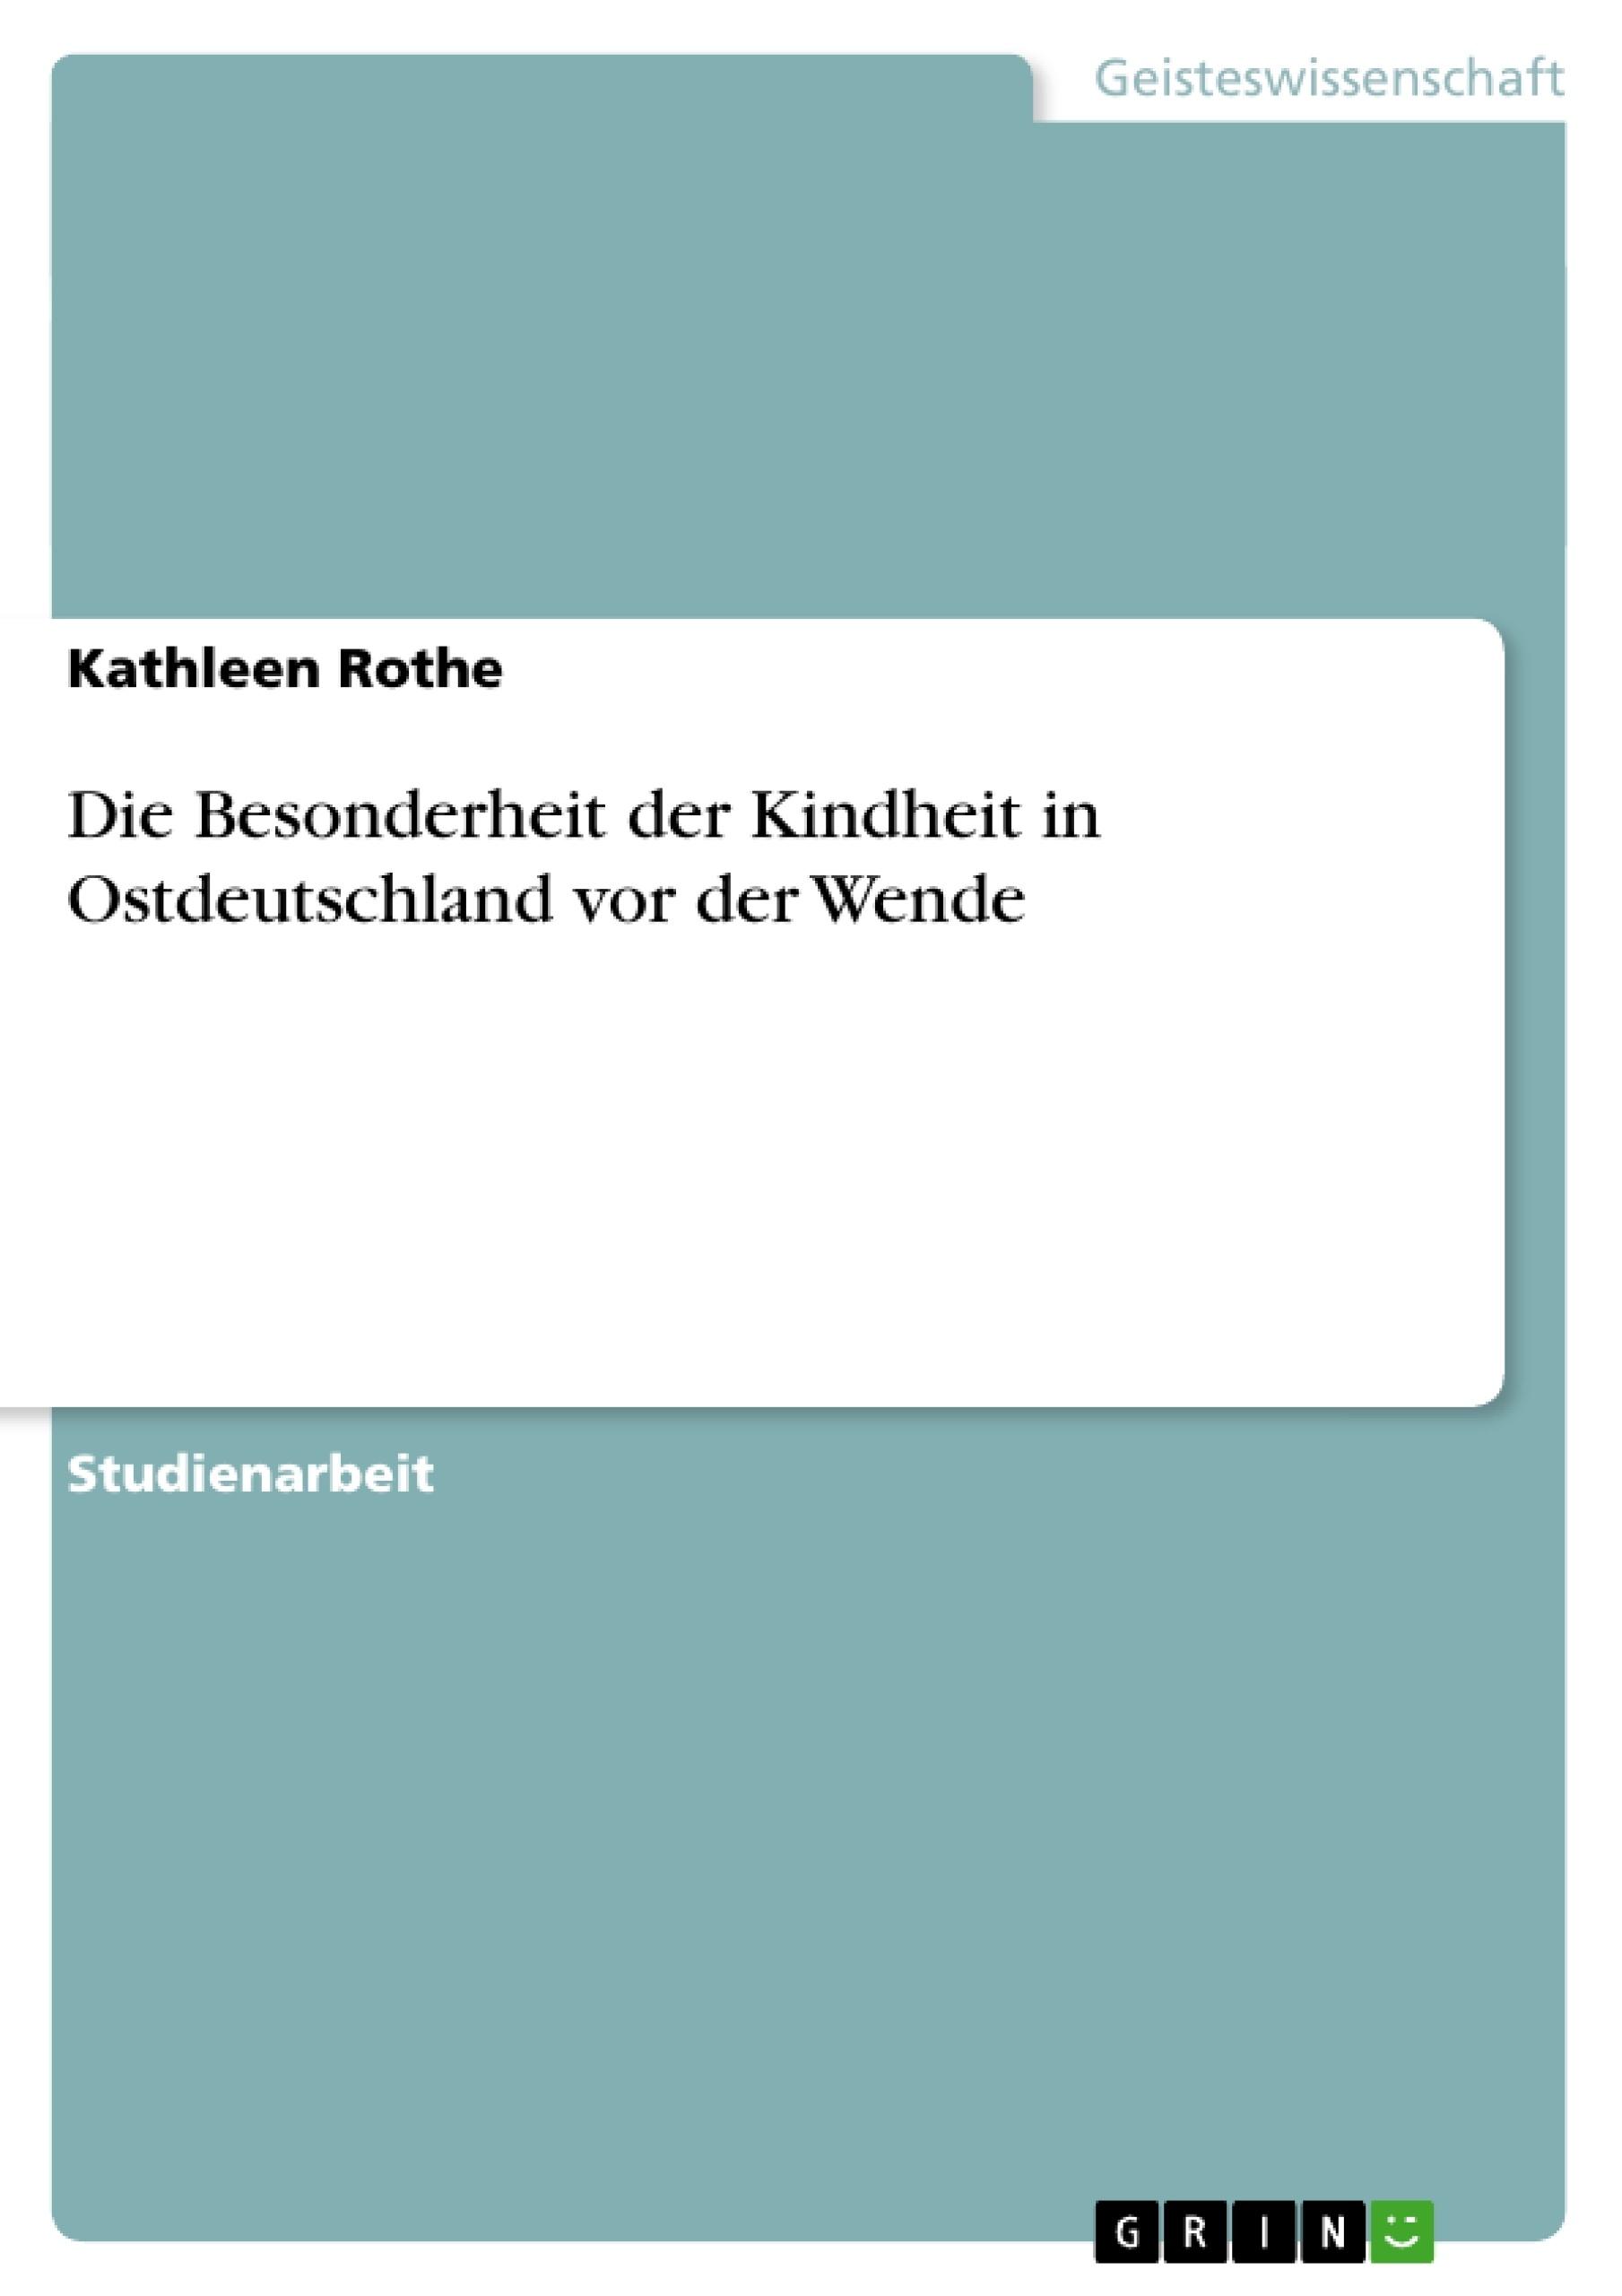 Titel: Die Besonderheit der Kindheit in Ostdeutschland vor der Wende